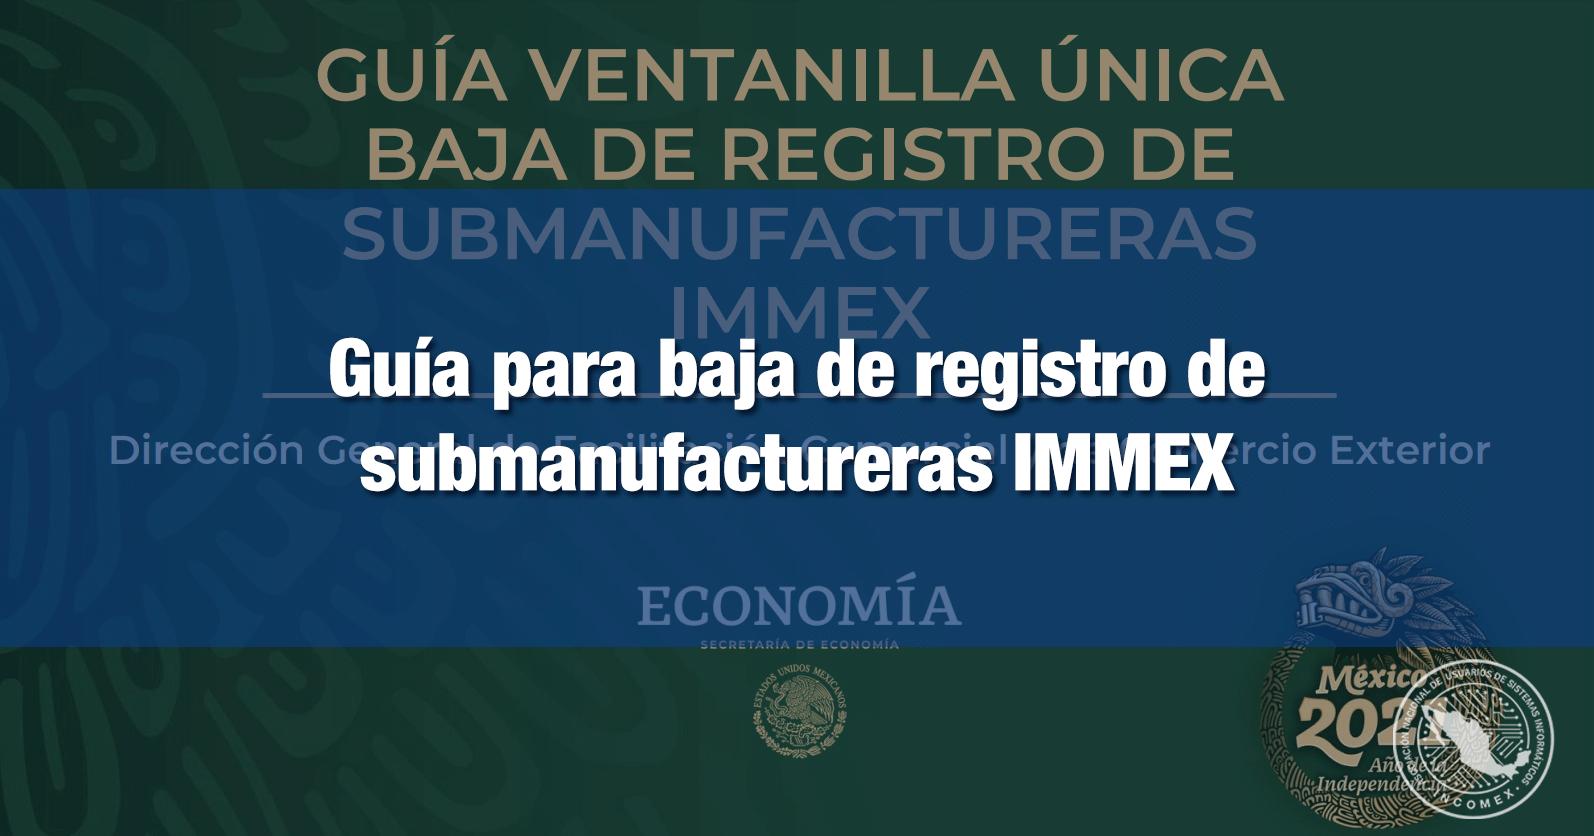 Guía para baja del registro de submanufactureras IMMEX